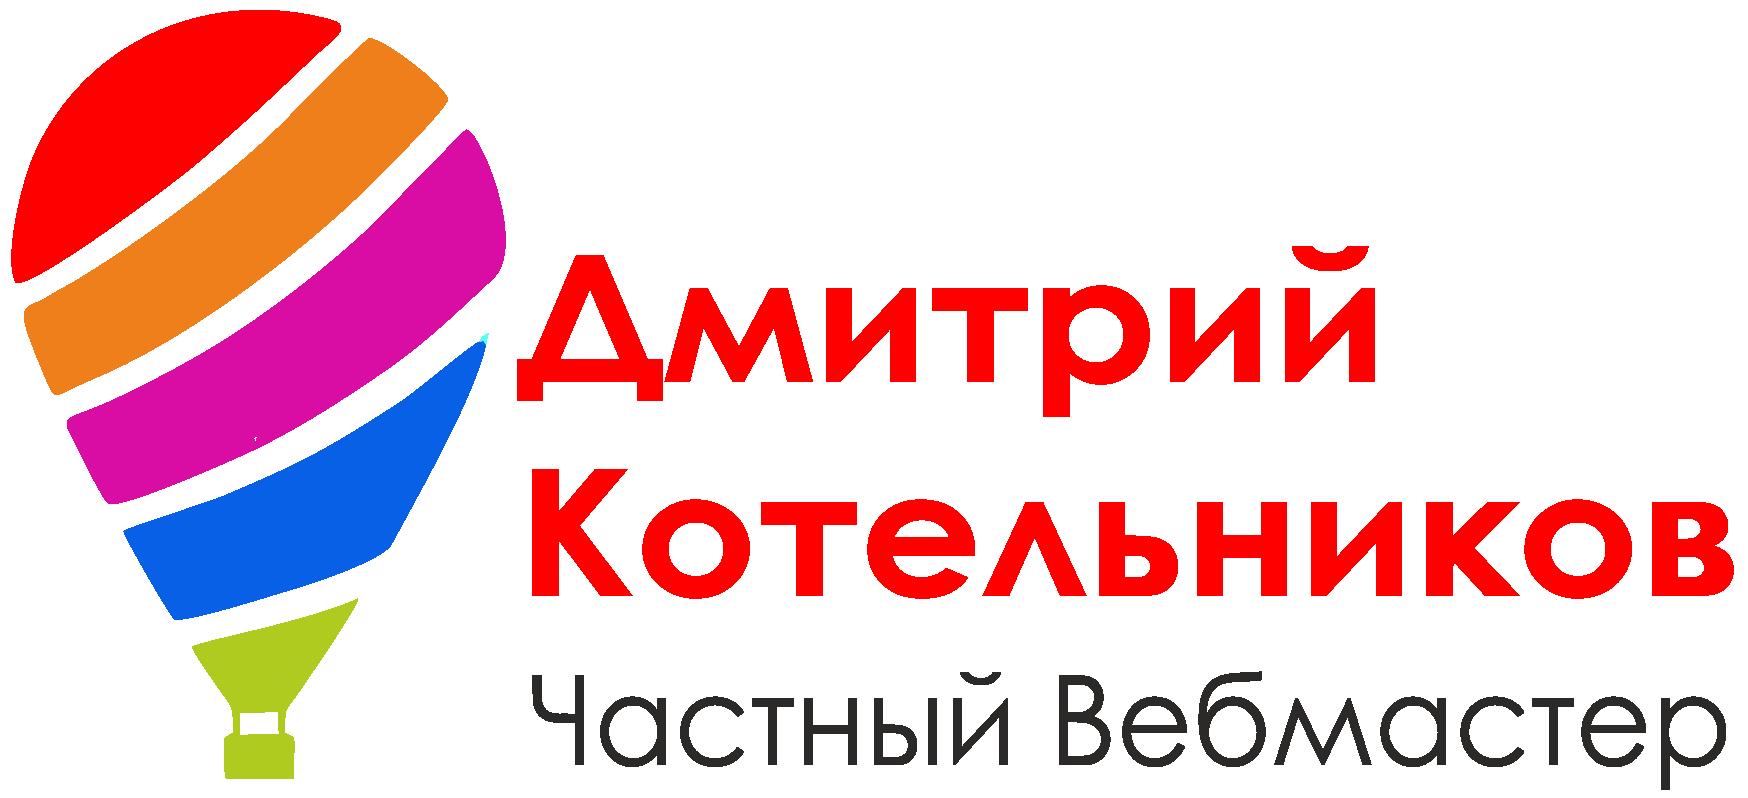 Создание сайтов. Частный вебмастер Дмитрий Котельников